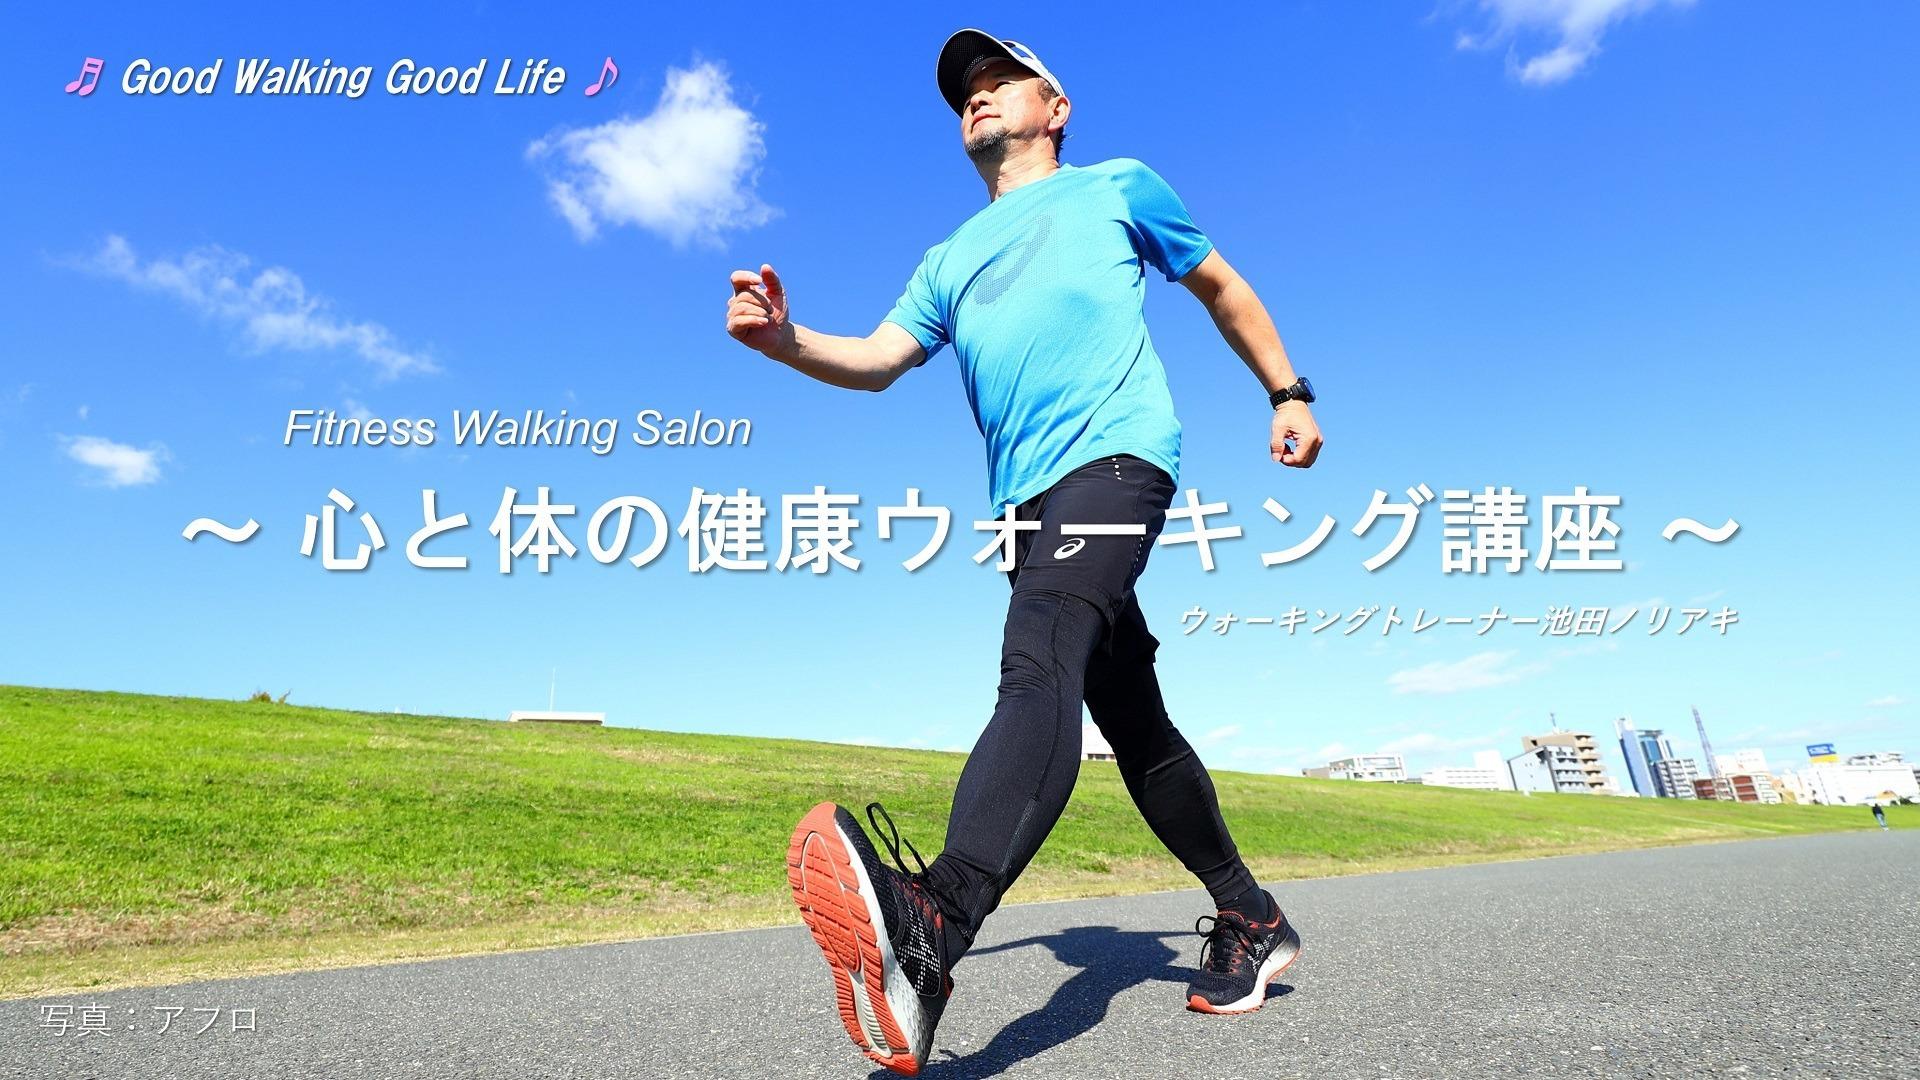 ウォーキングトレーナー池田ノリアキ - 心と体の健康ウォーキング講座 - DMM オンラインサロン